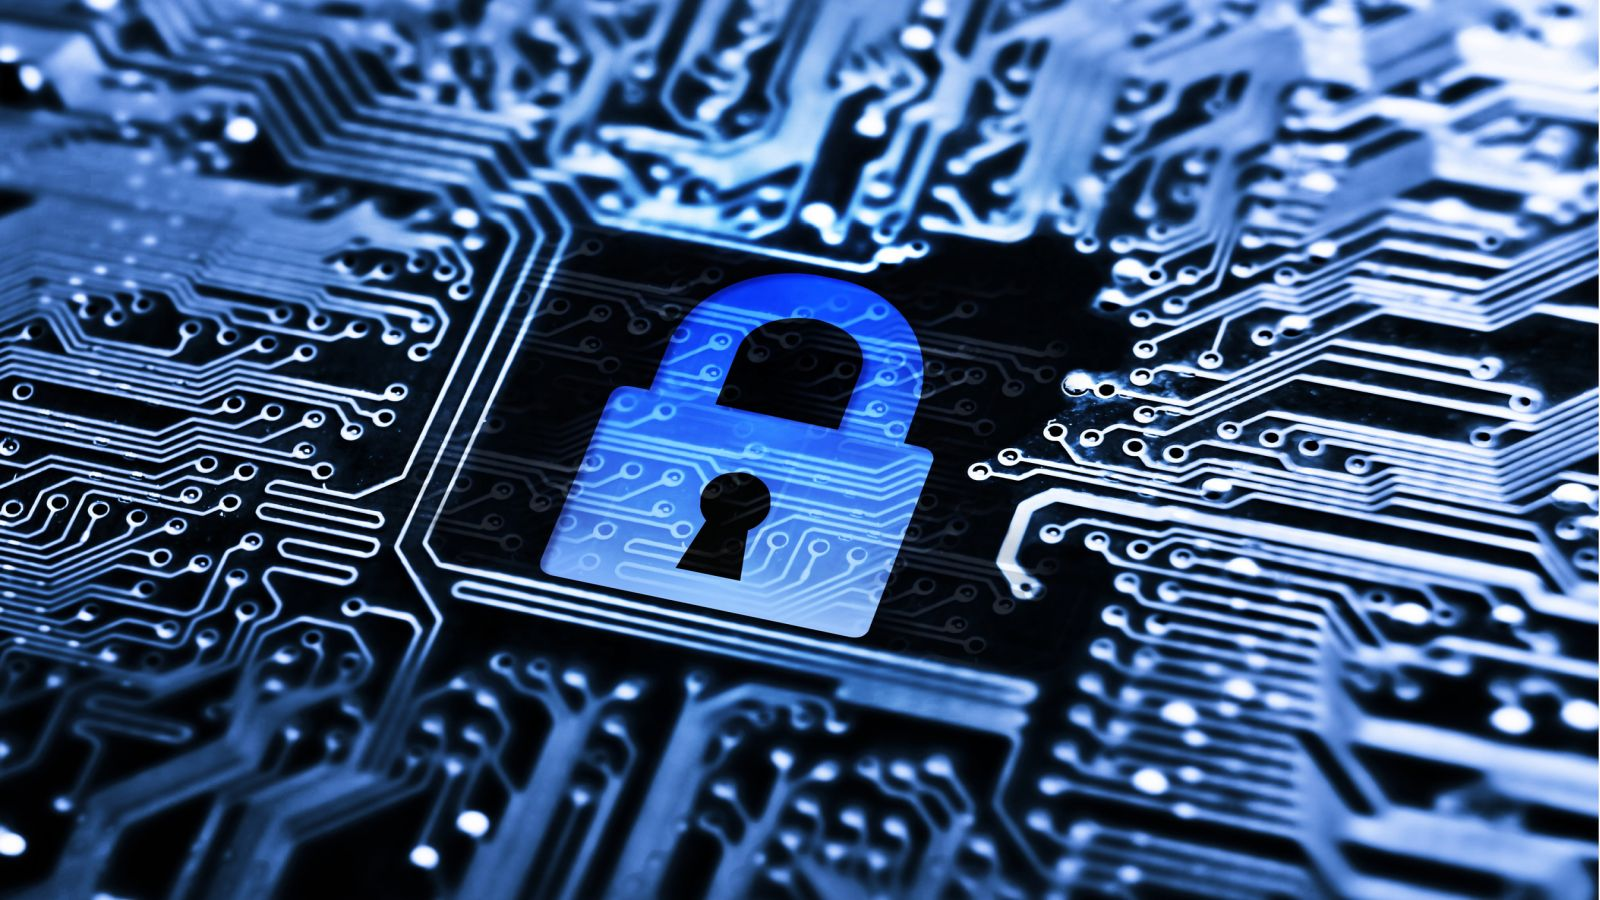 Security-symbol-stamped-on-printed-circuit-board.jpg